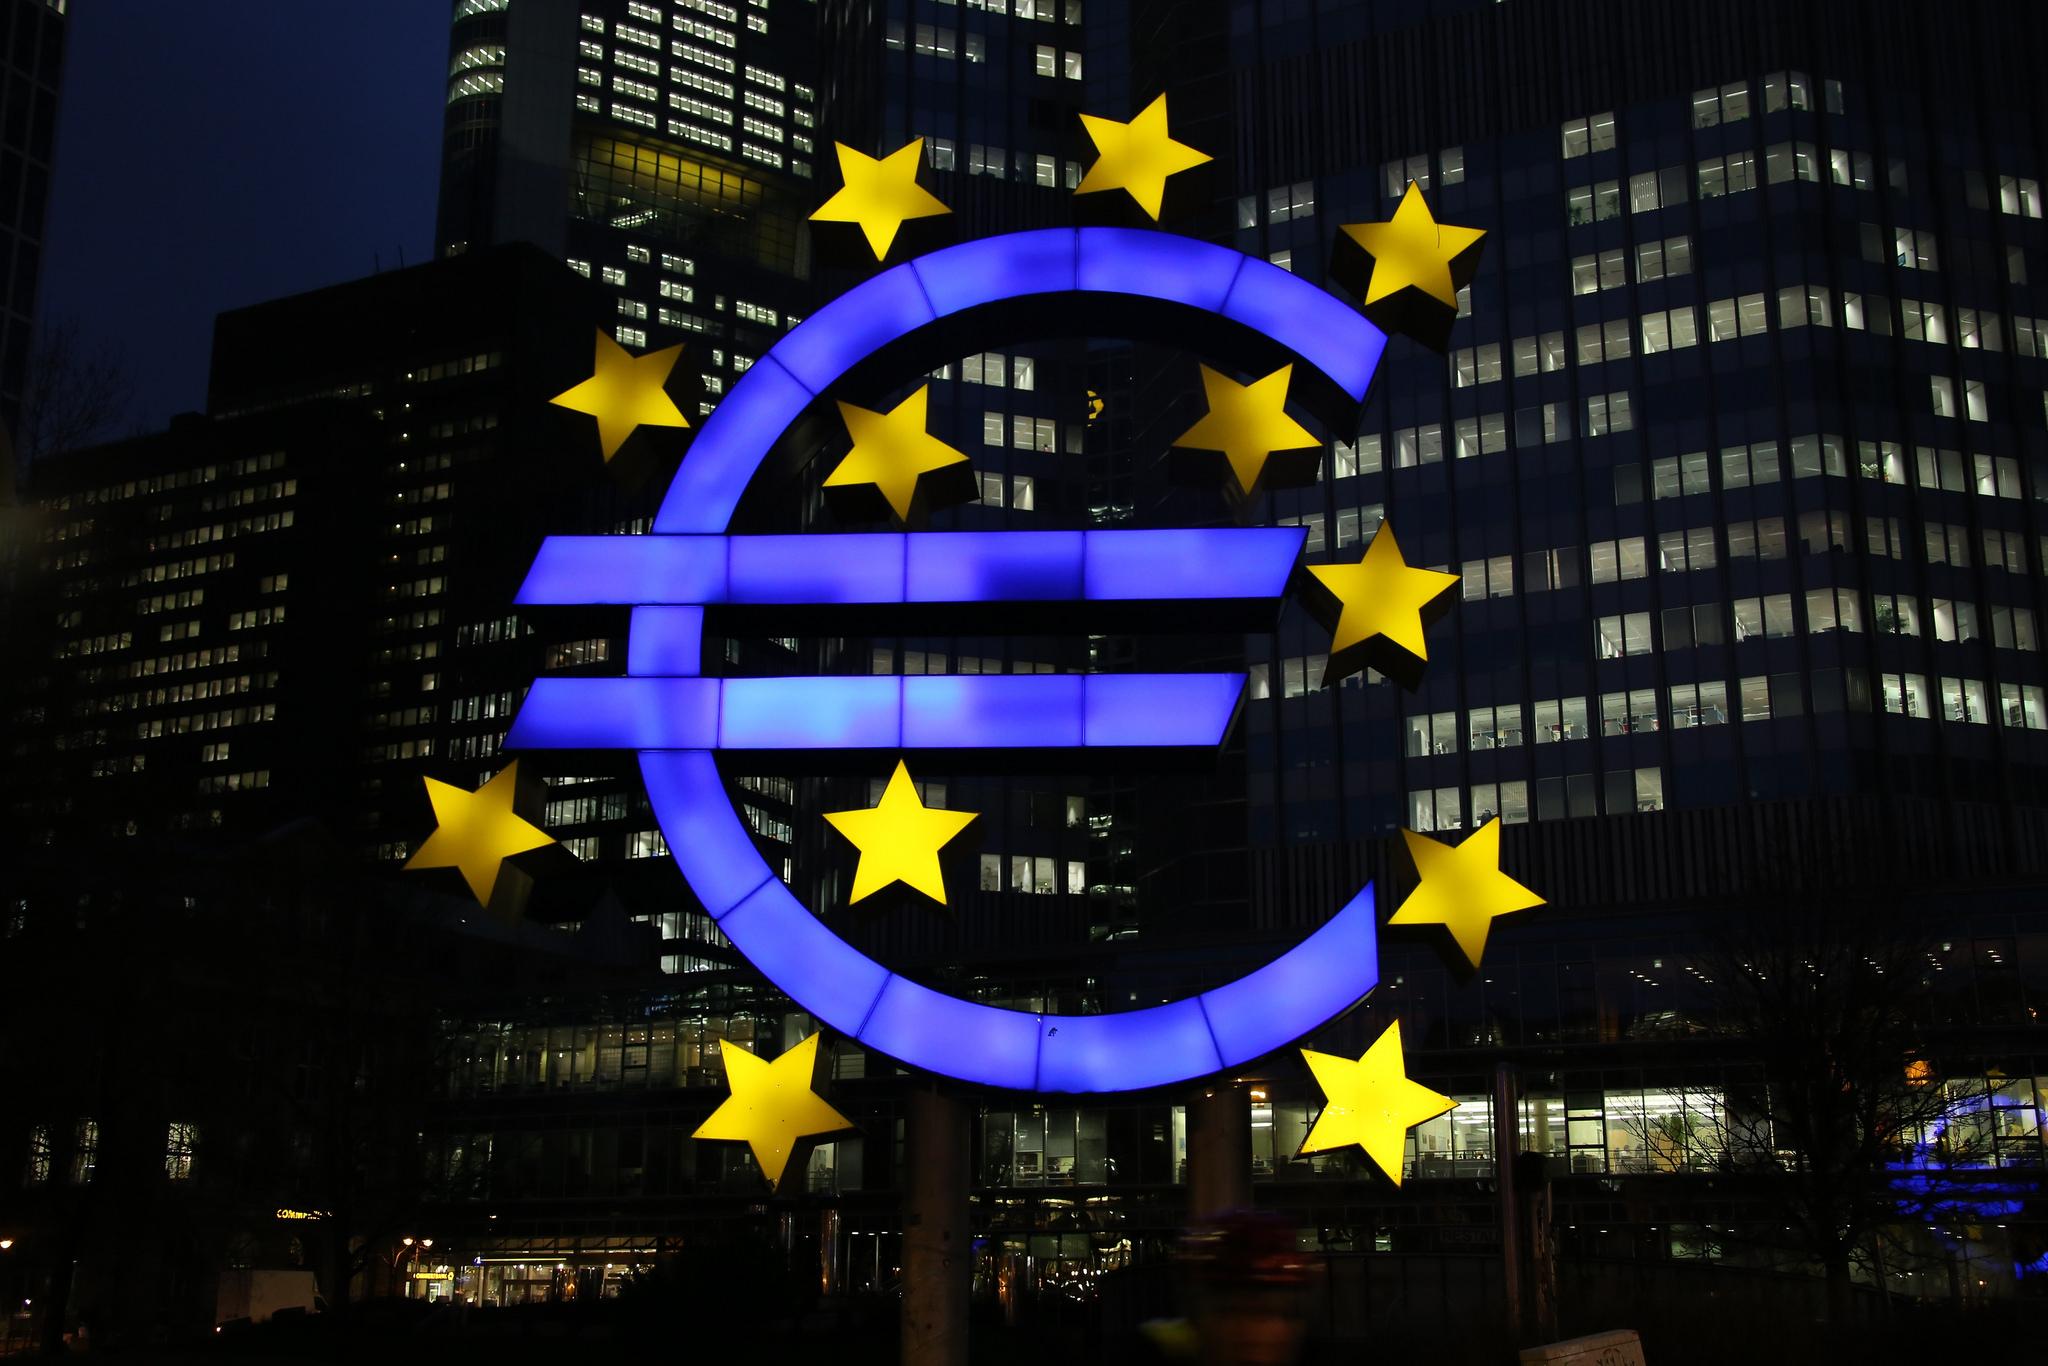 Зона евро оказалась на пороге кризиса